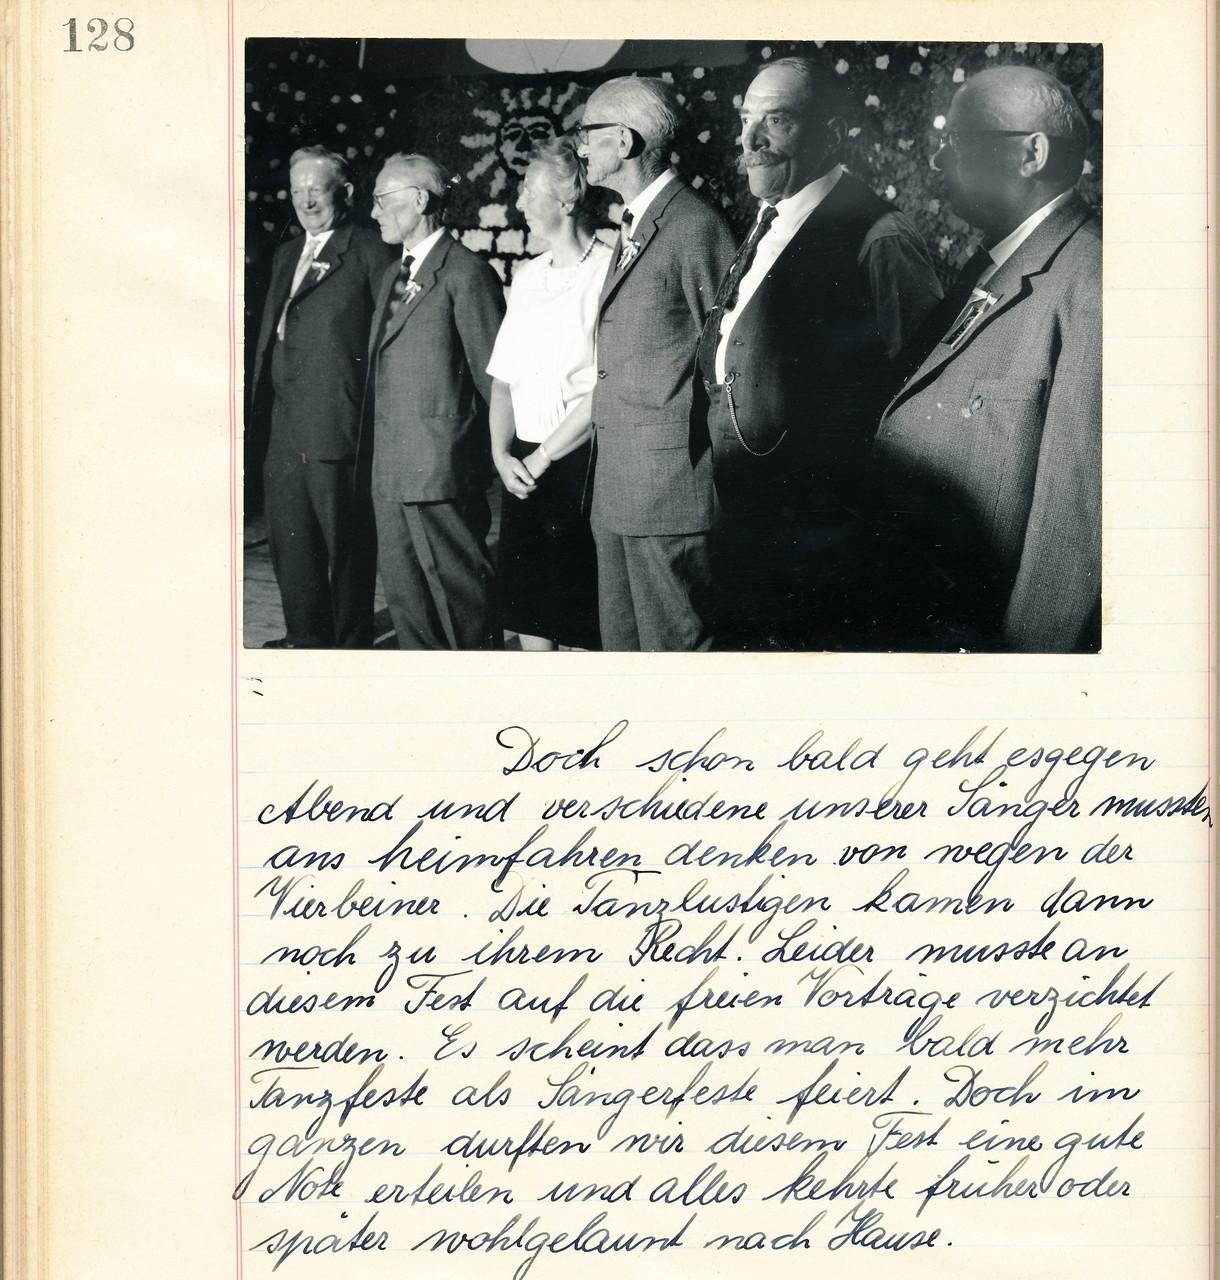 50 Jahre Mitglied im MCB / Veteranenehrung von Dirigent Ruedi Mäder und seinem Bruder Alfred Mäder